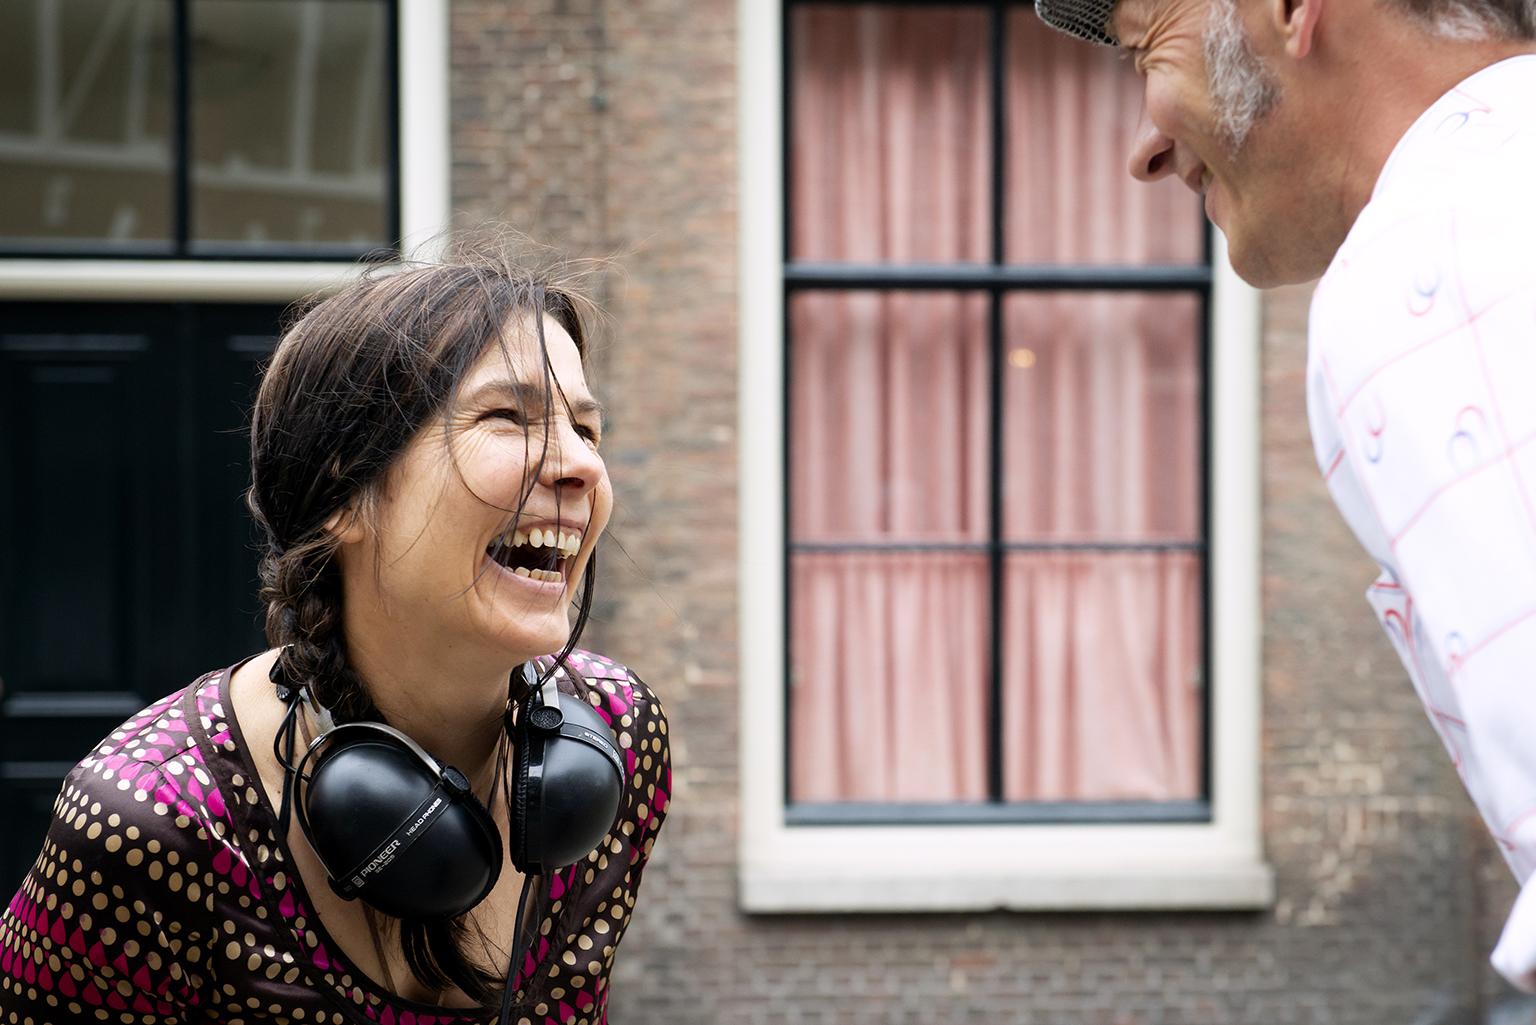 Marieke en Erik dansen en lachen met elkaar